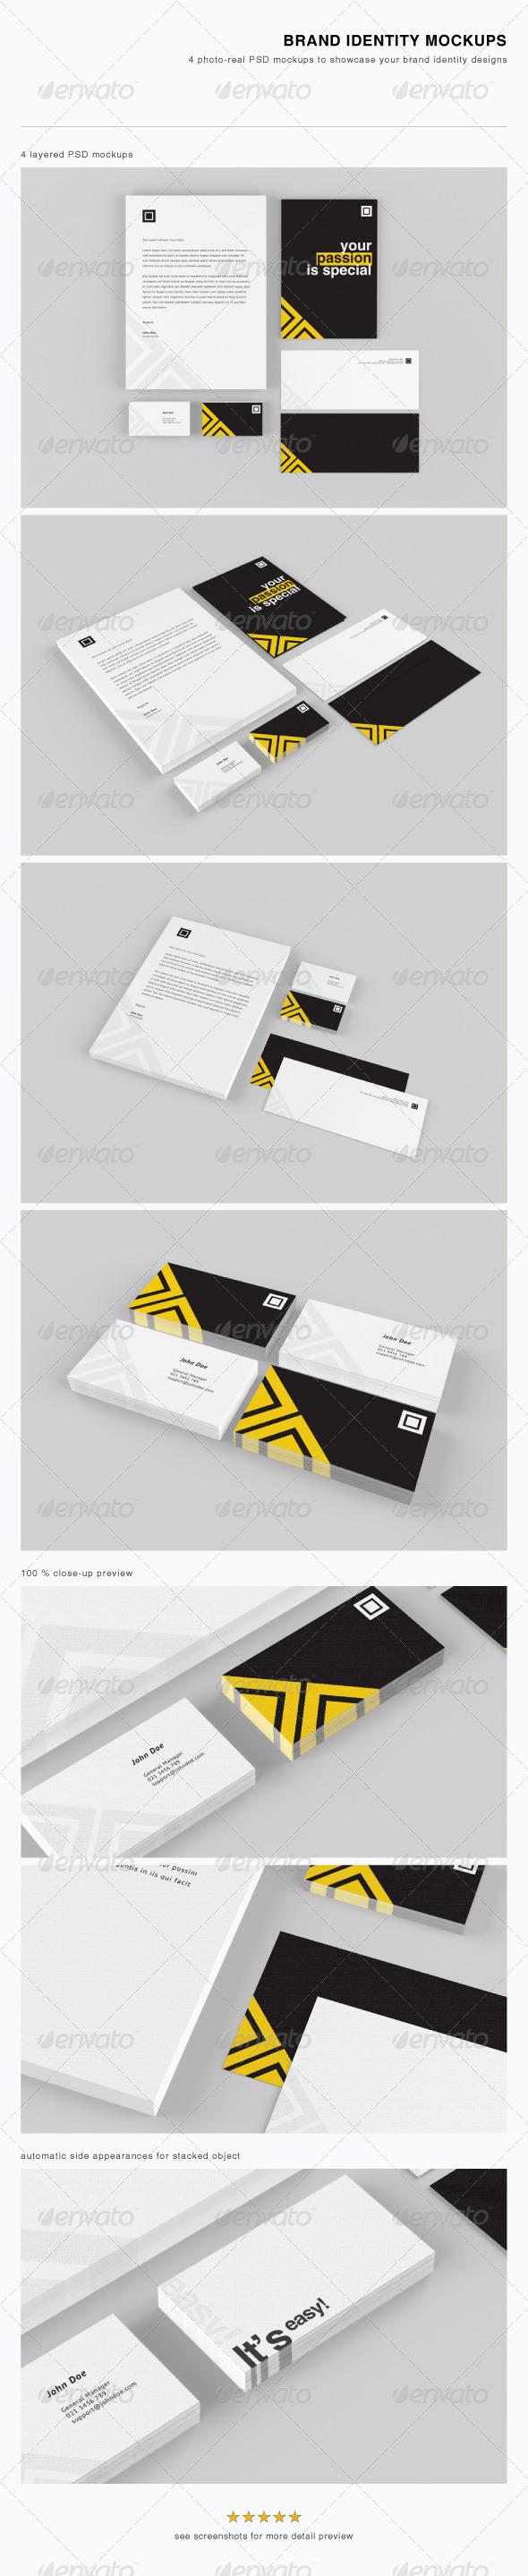 Brand Identity Mockups - Stationery Print